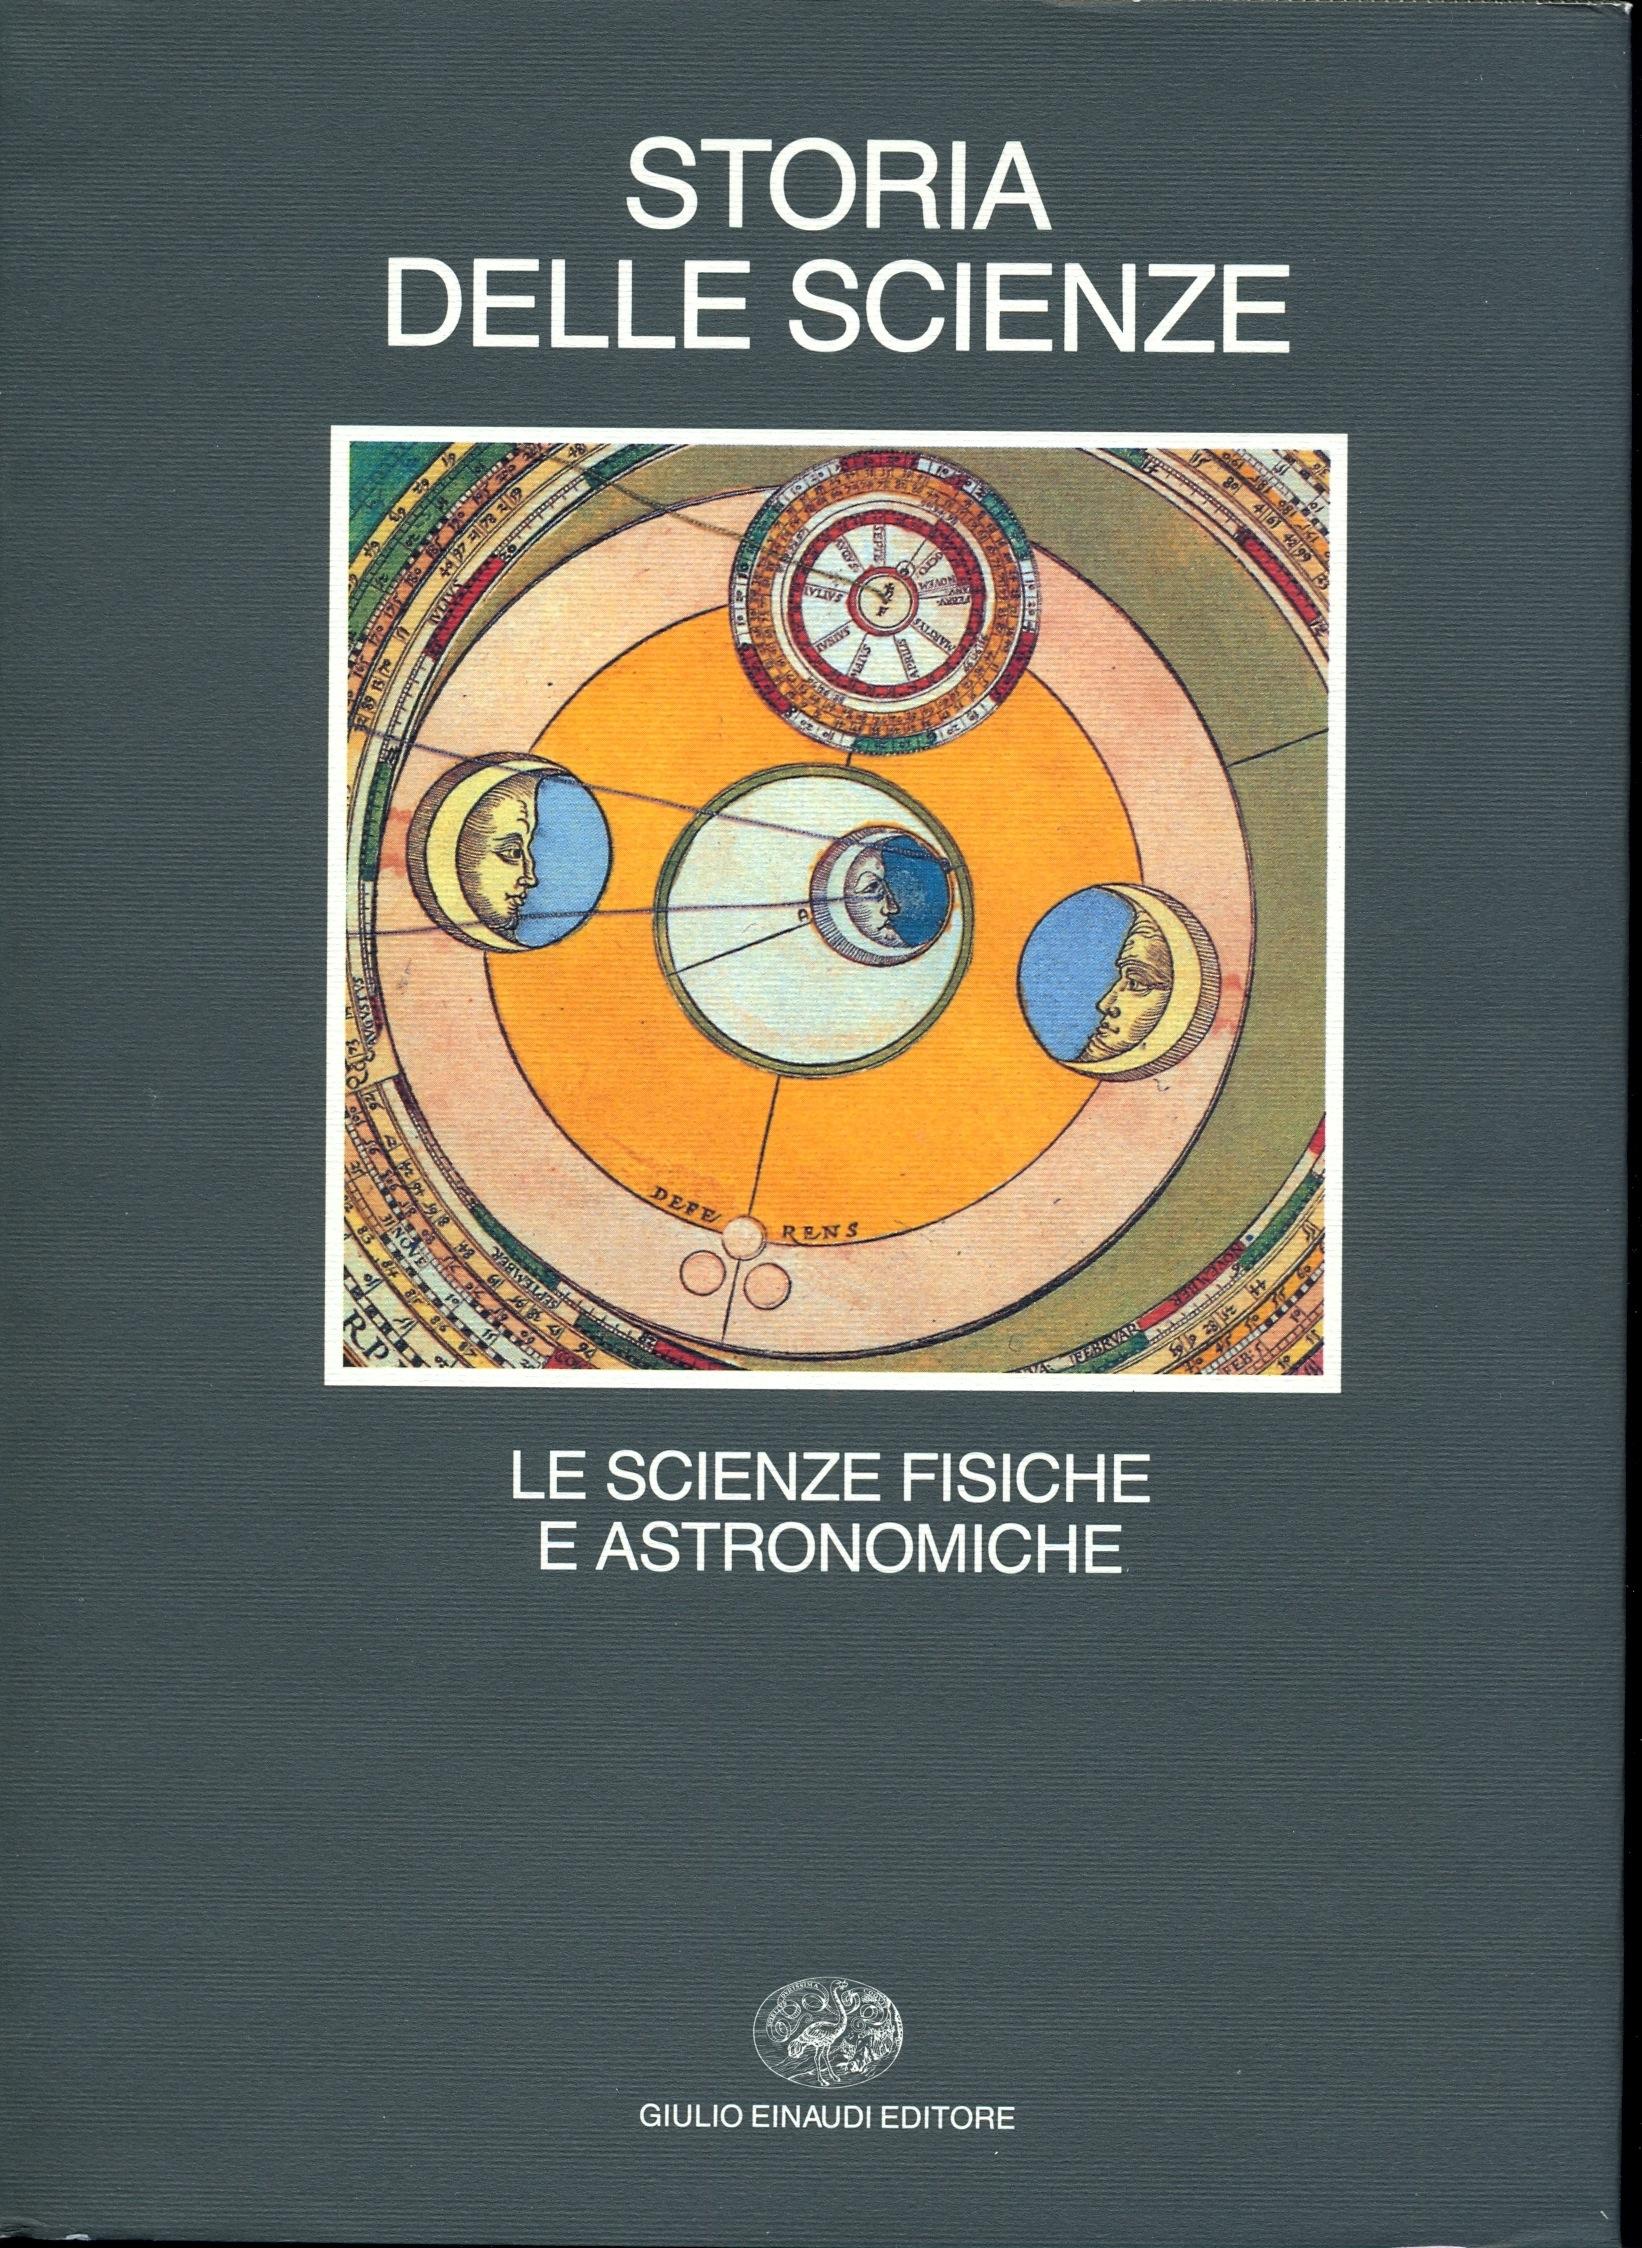 Storia delle scienze / Le scienze fisiche e astronomiche